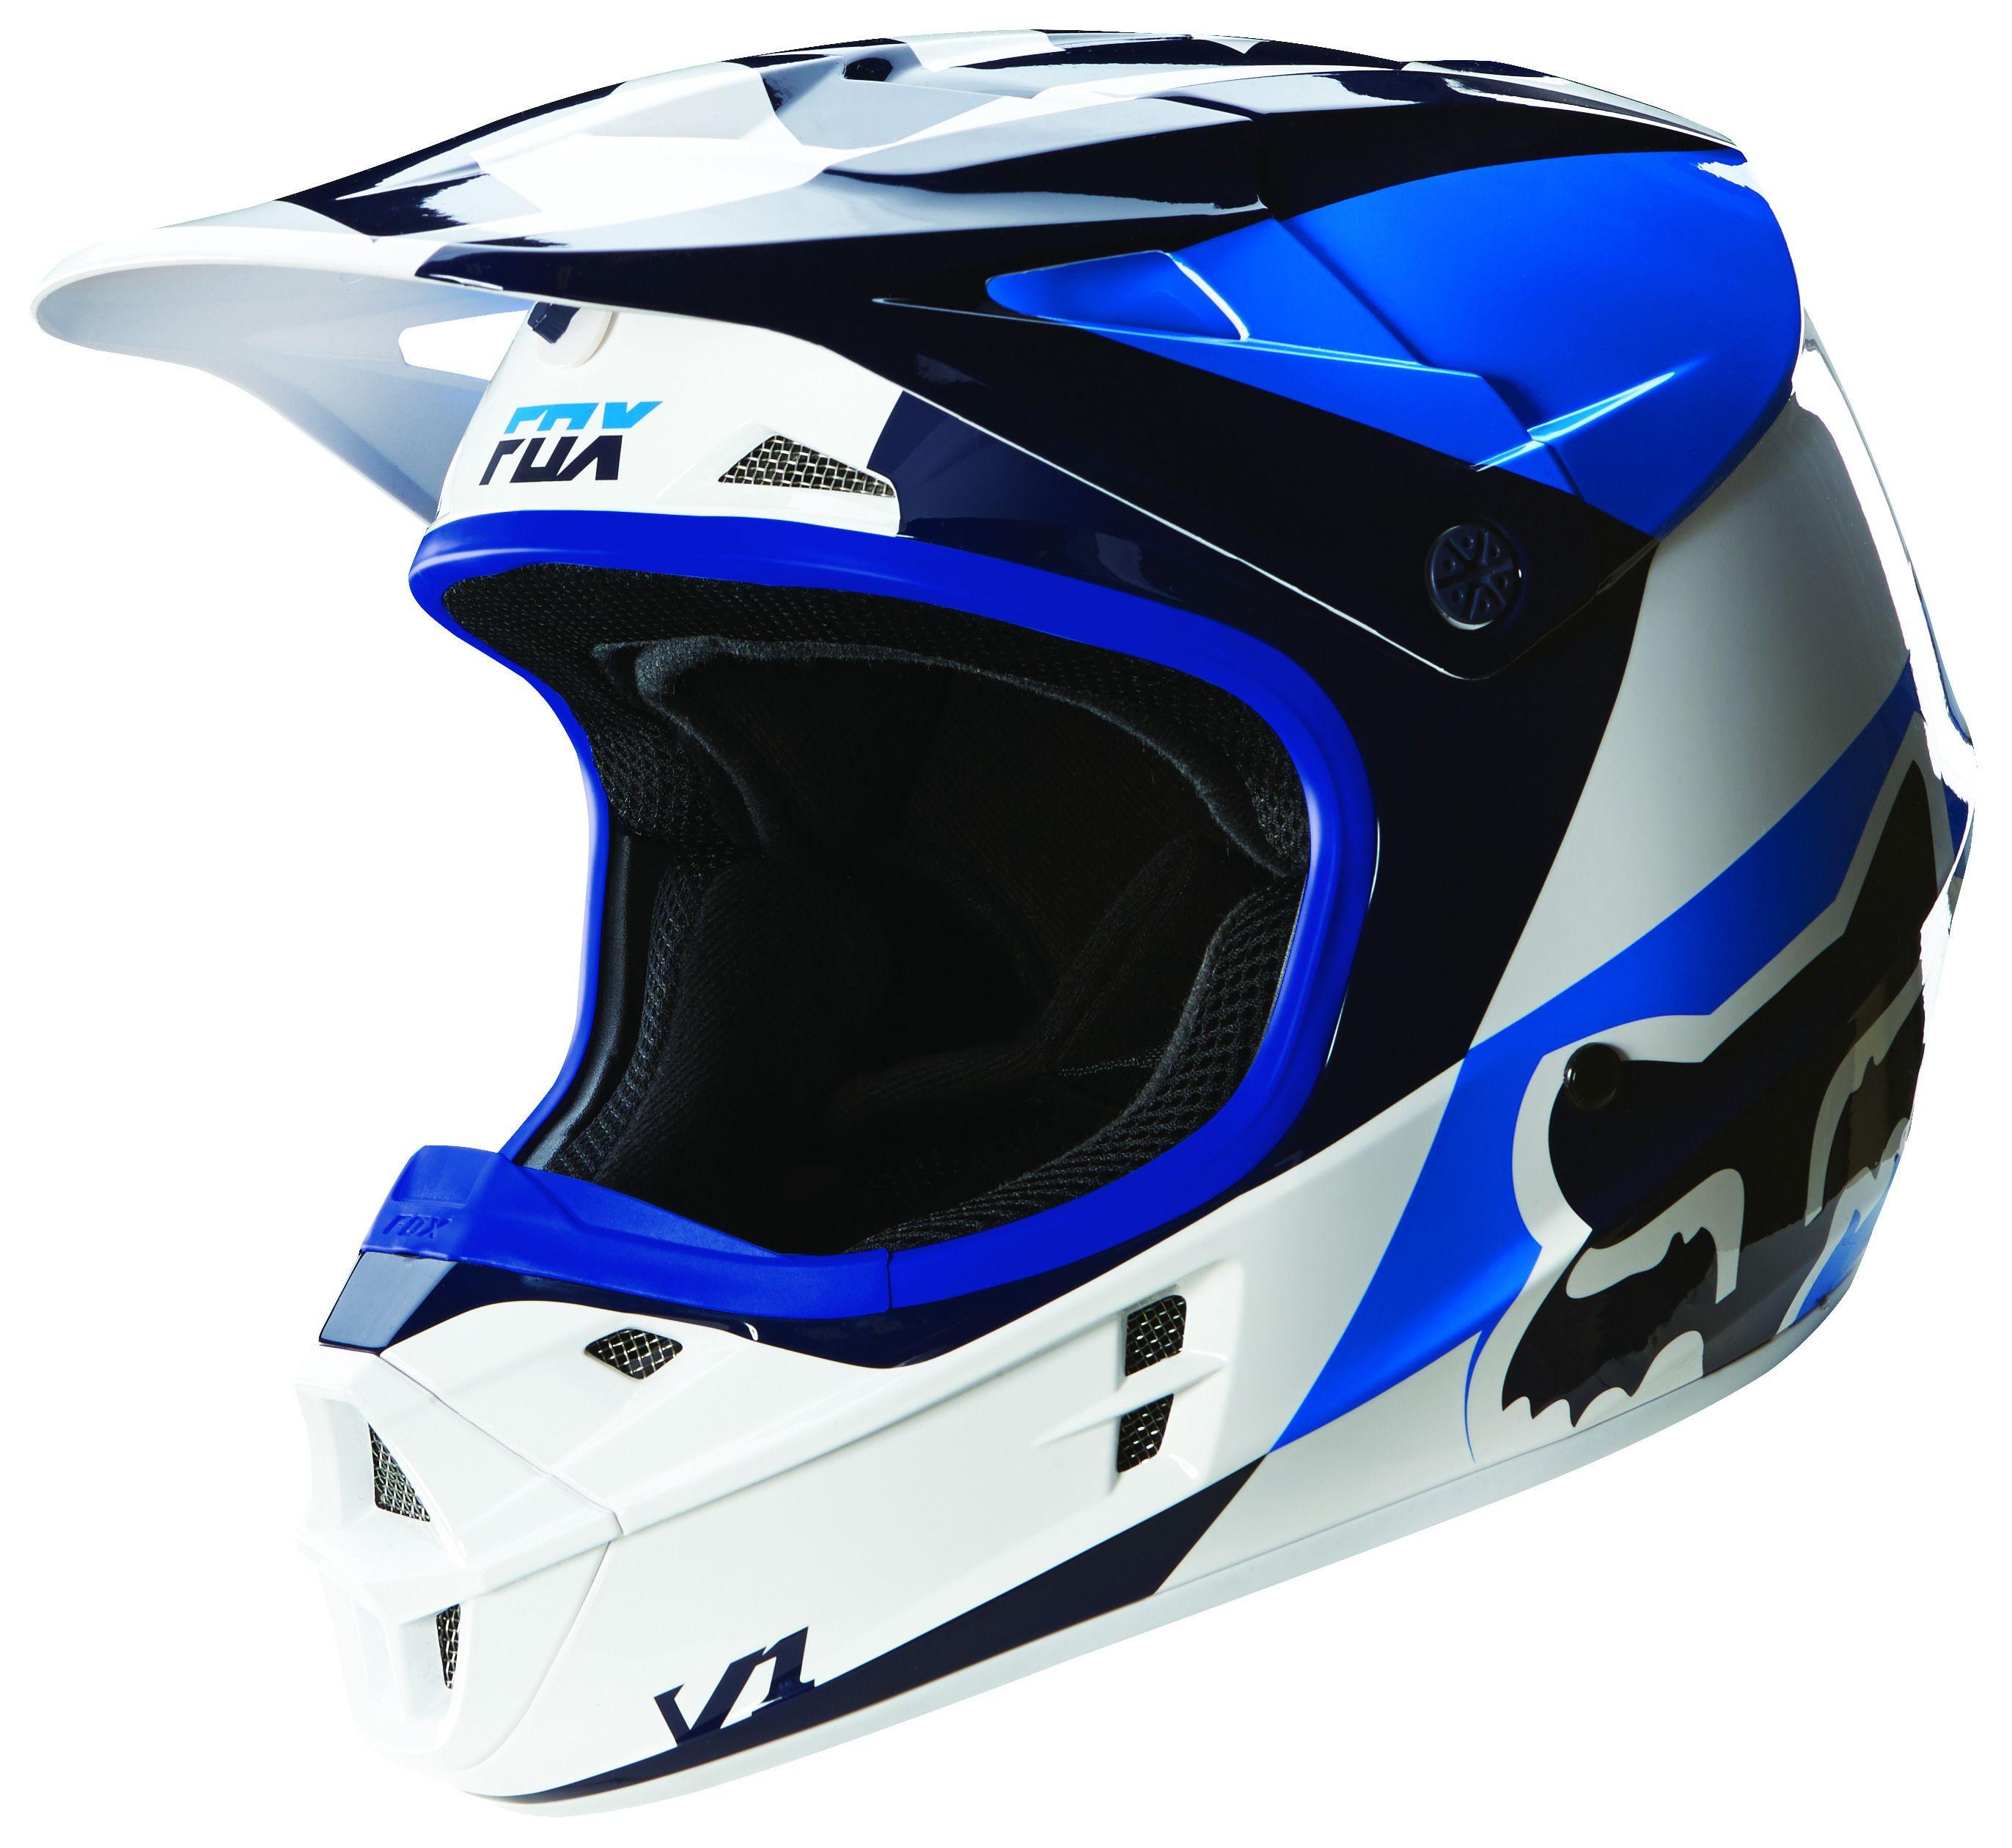 Fox Racing V1 Mako Helmet Revzilla